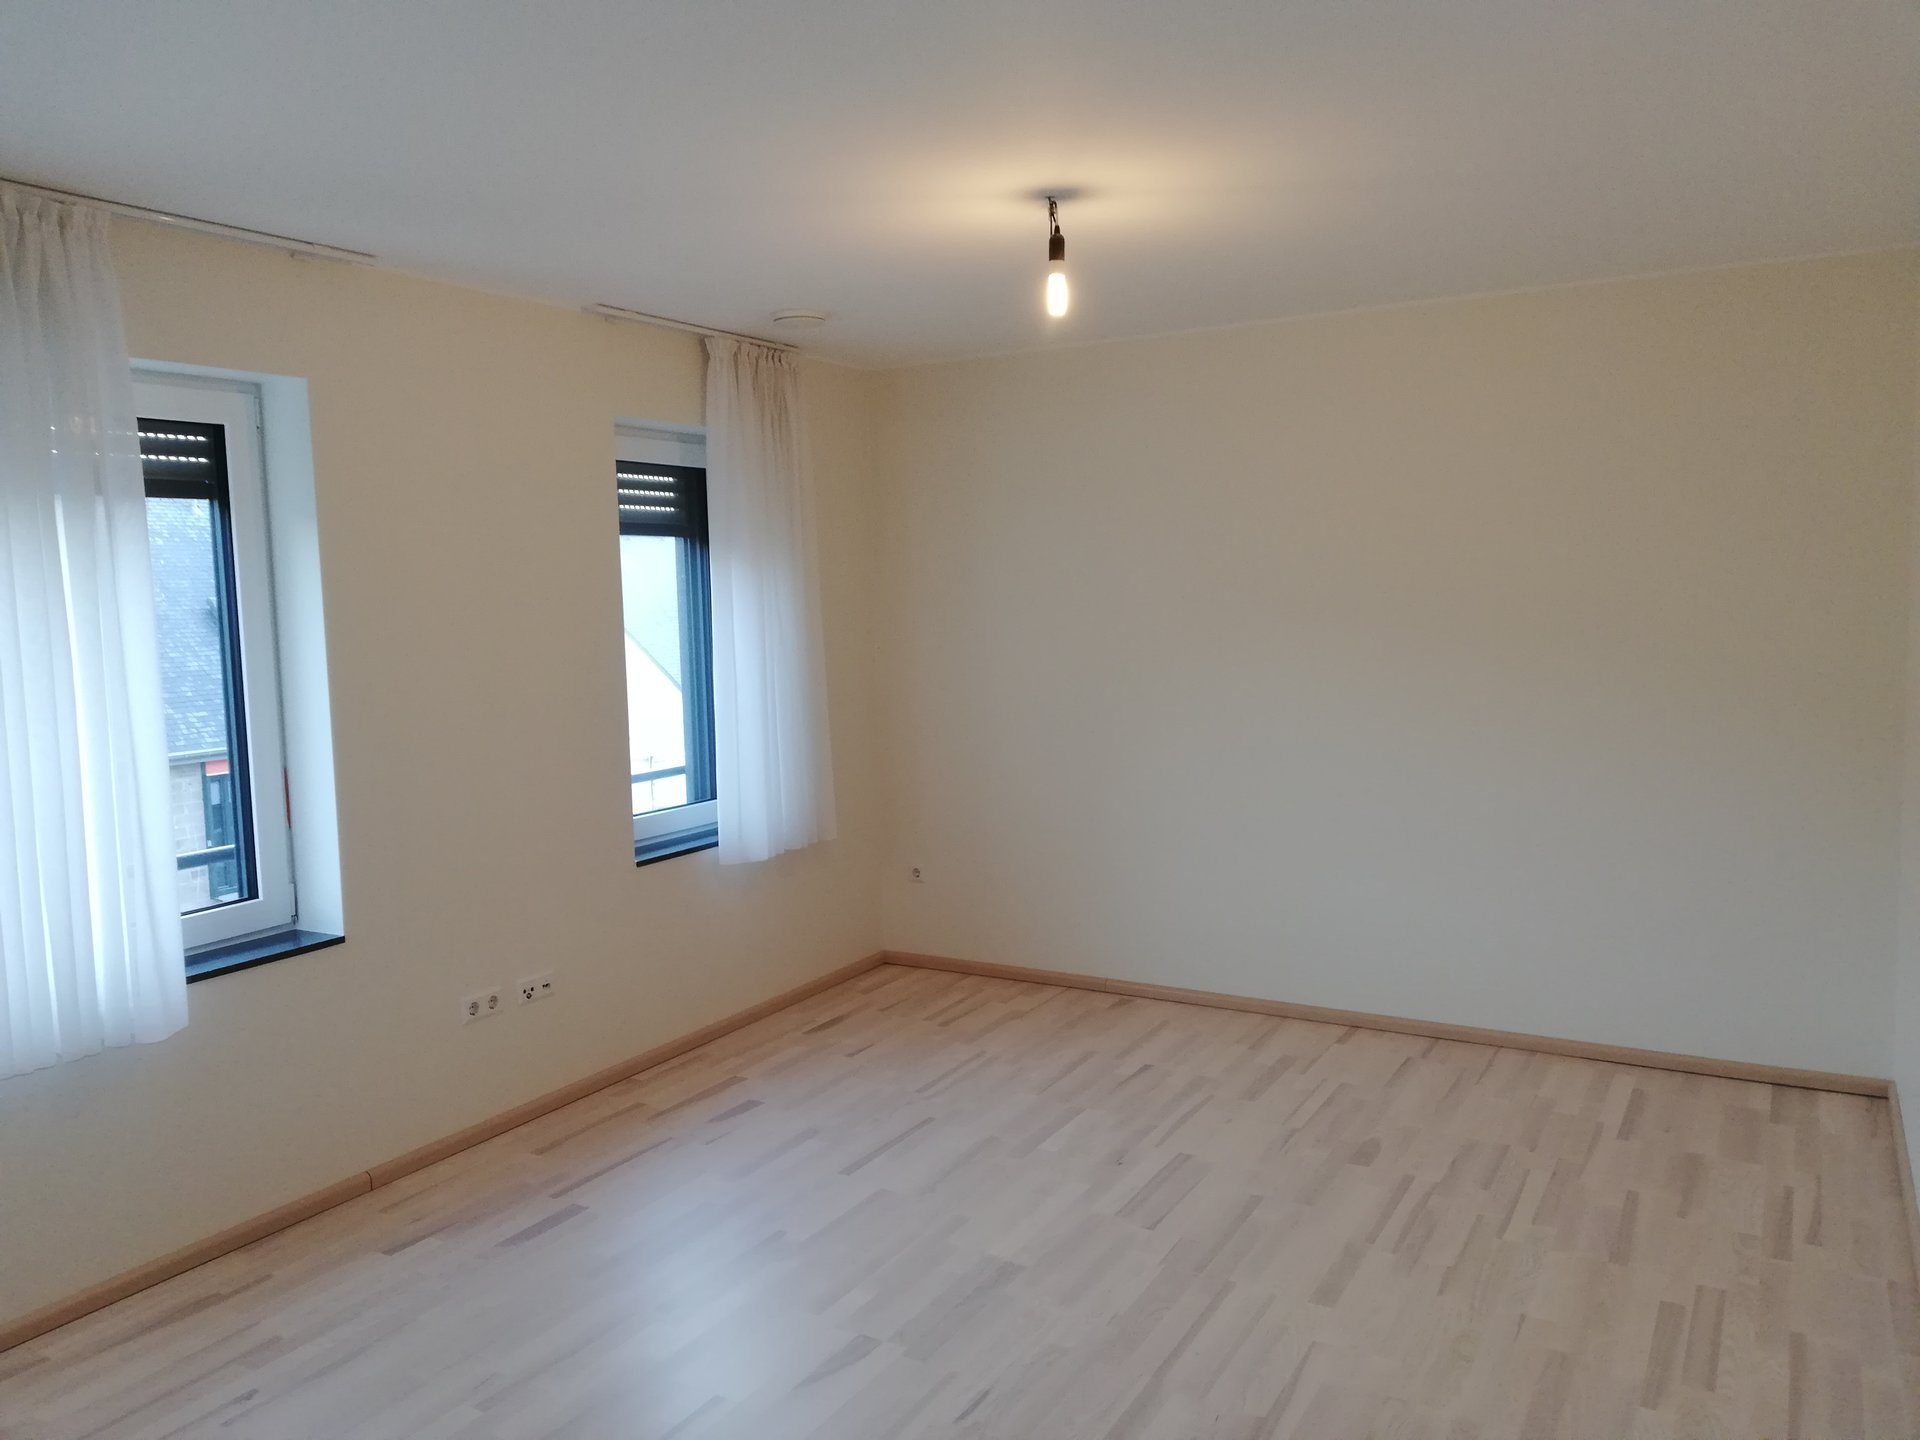 Vermietung Haus - Rollingen - Luxemburg